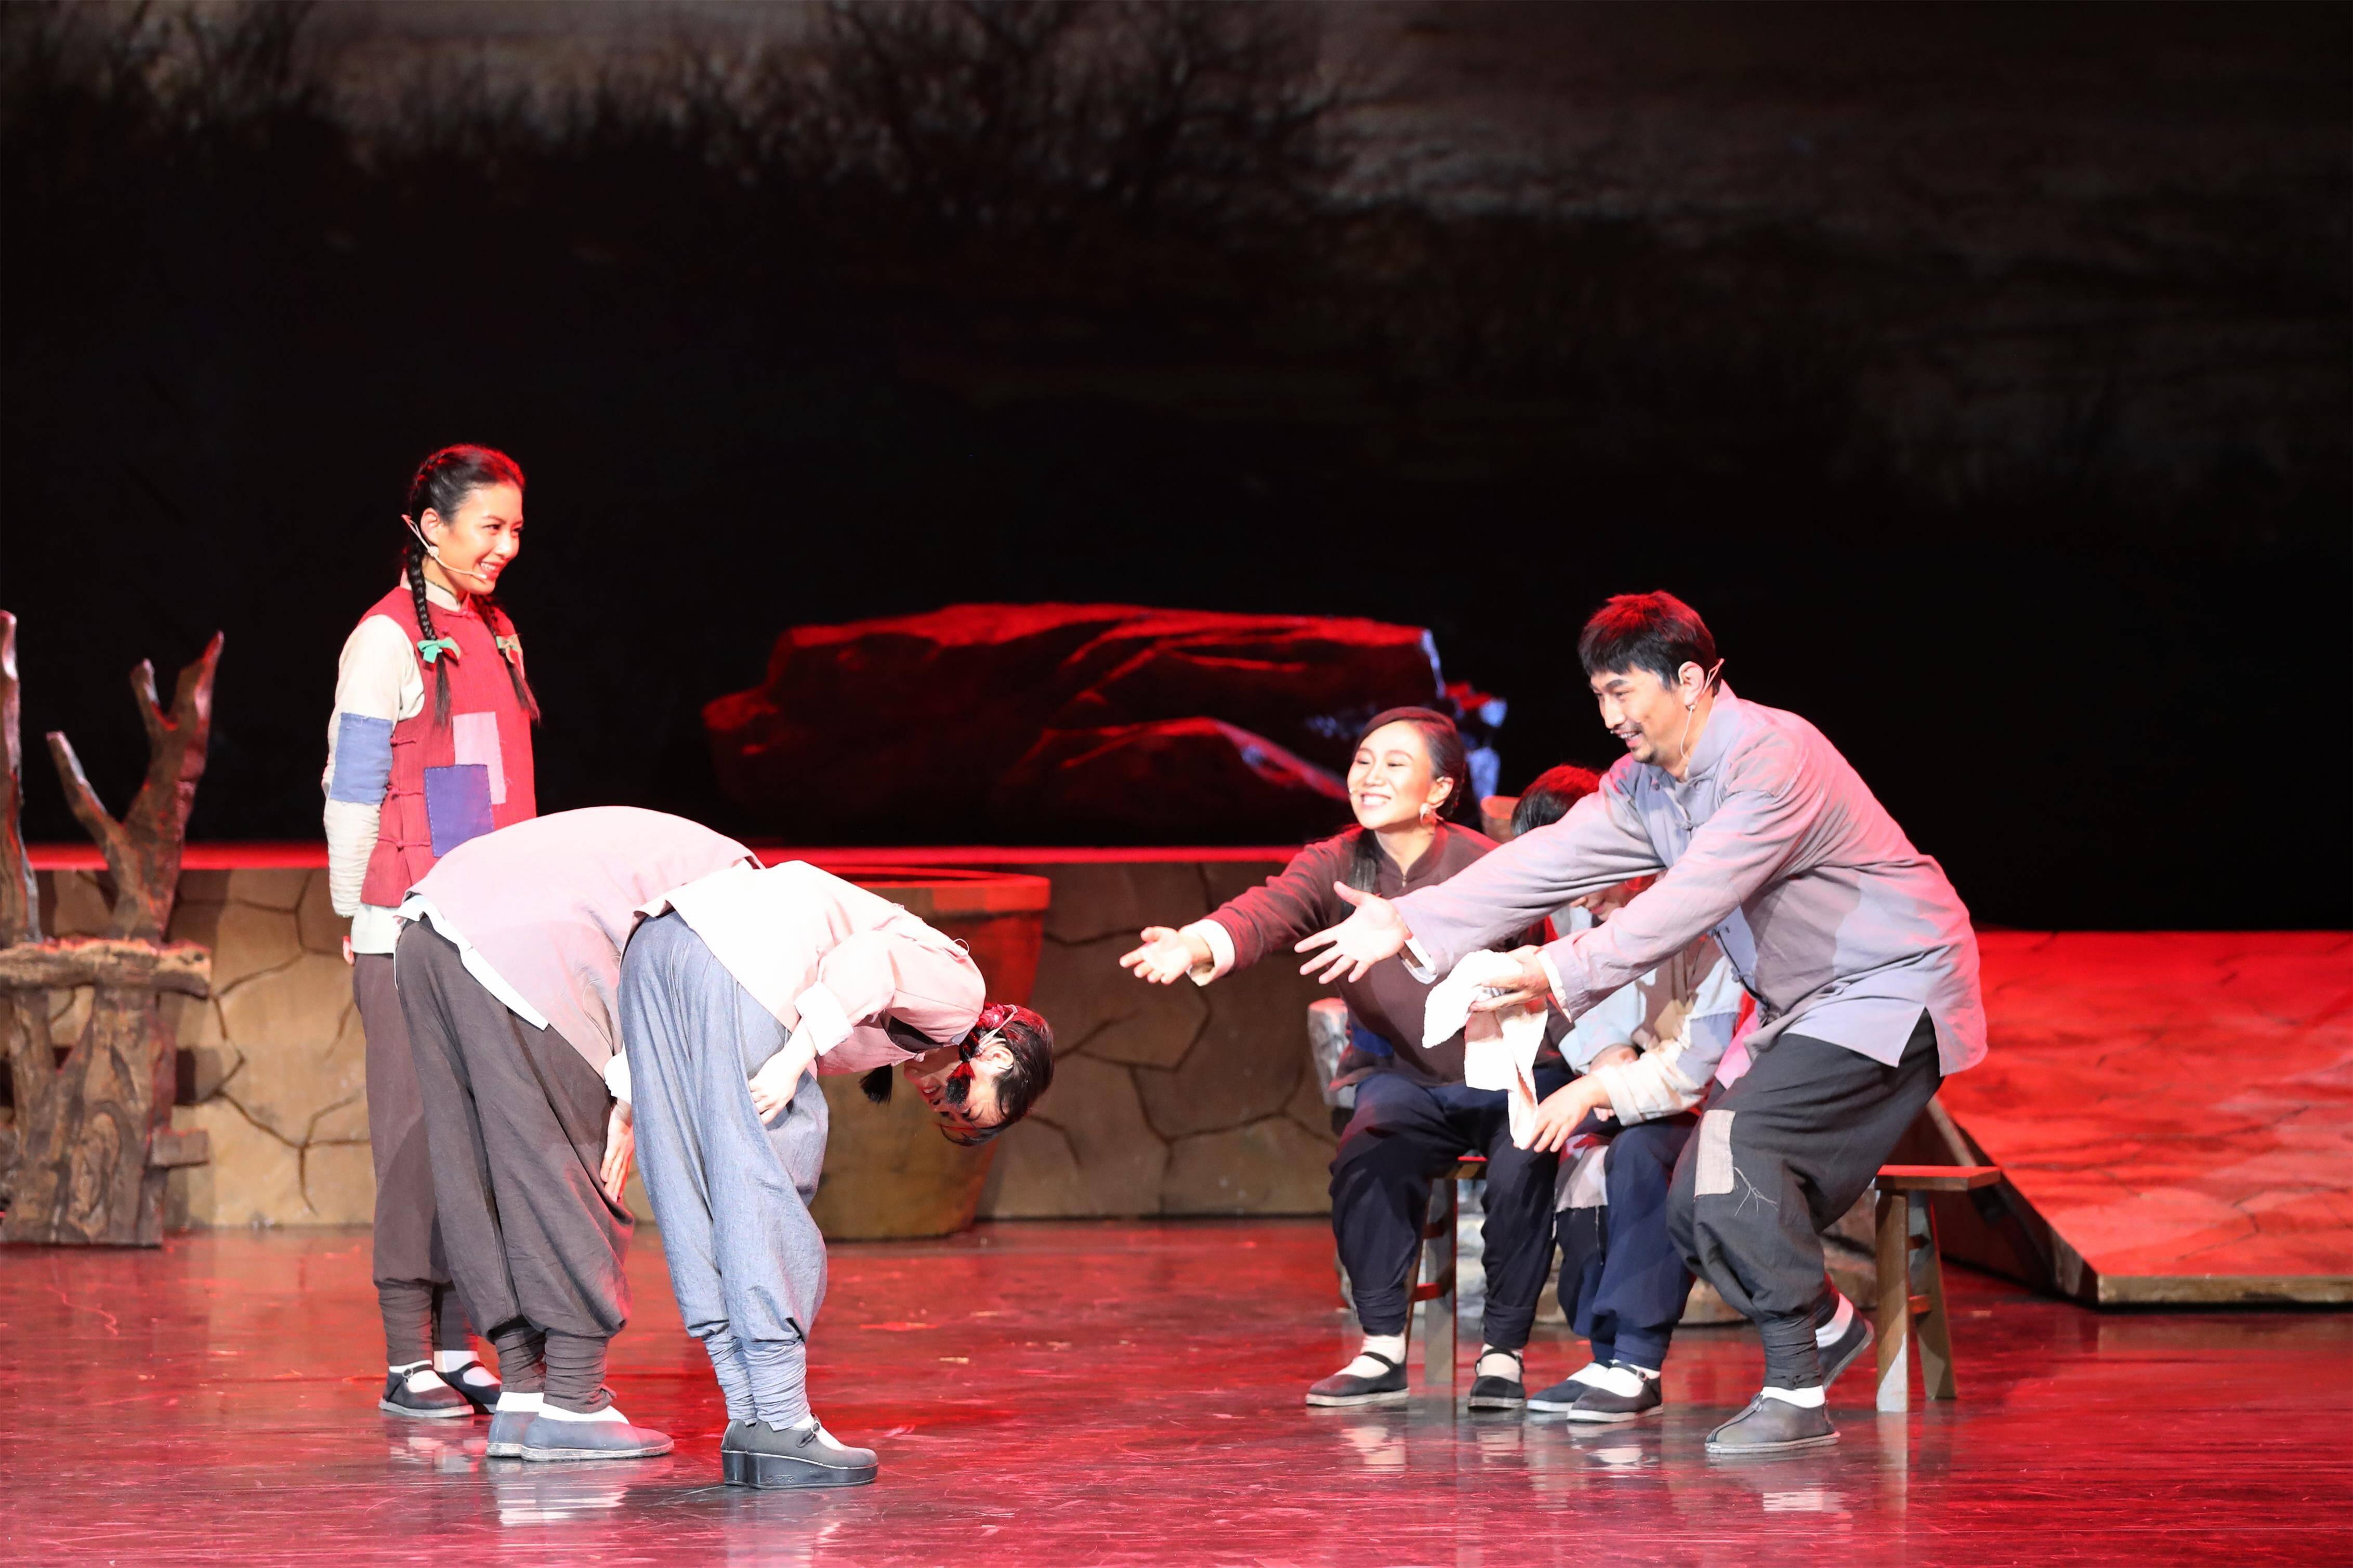 致敬信仰的力量! 舞台剧《星火》在山东青年政治学院首演